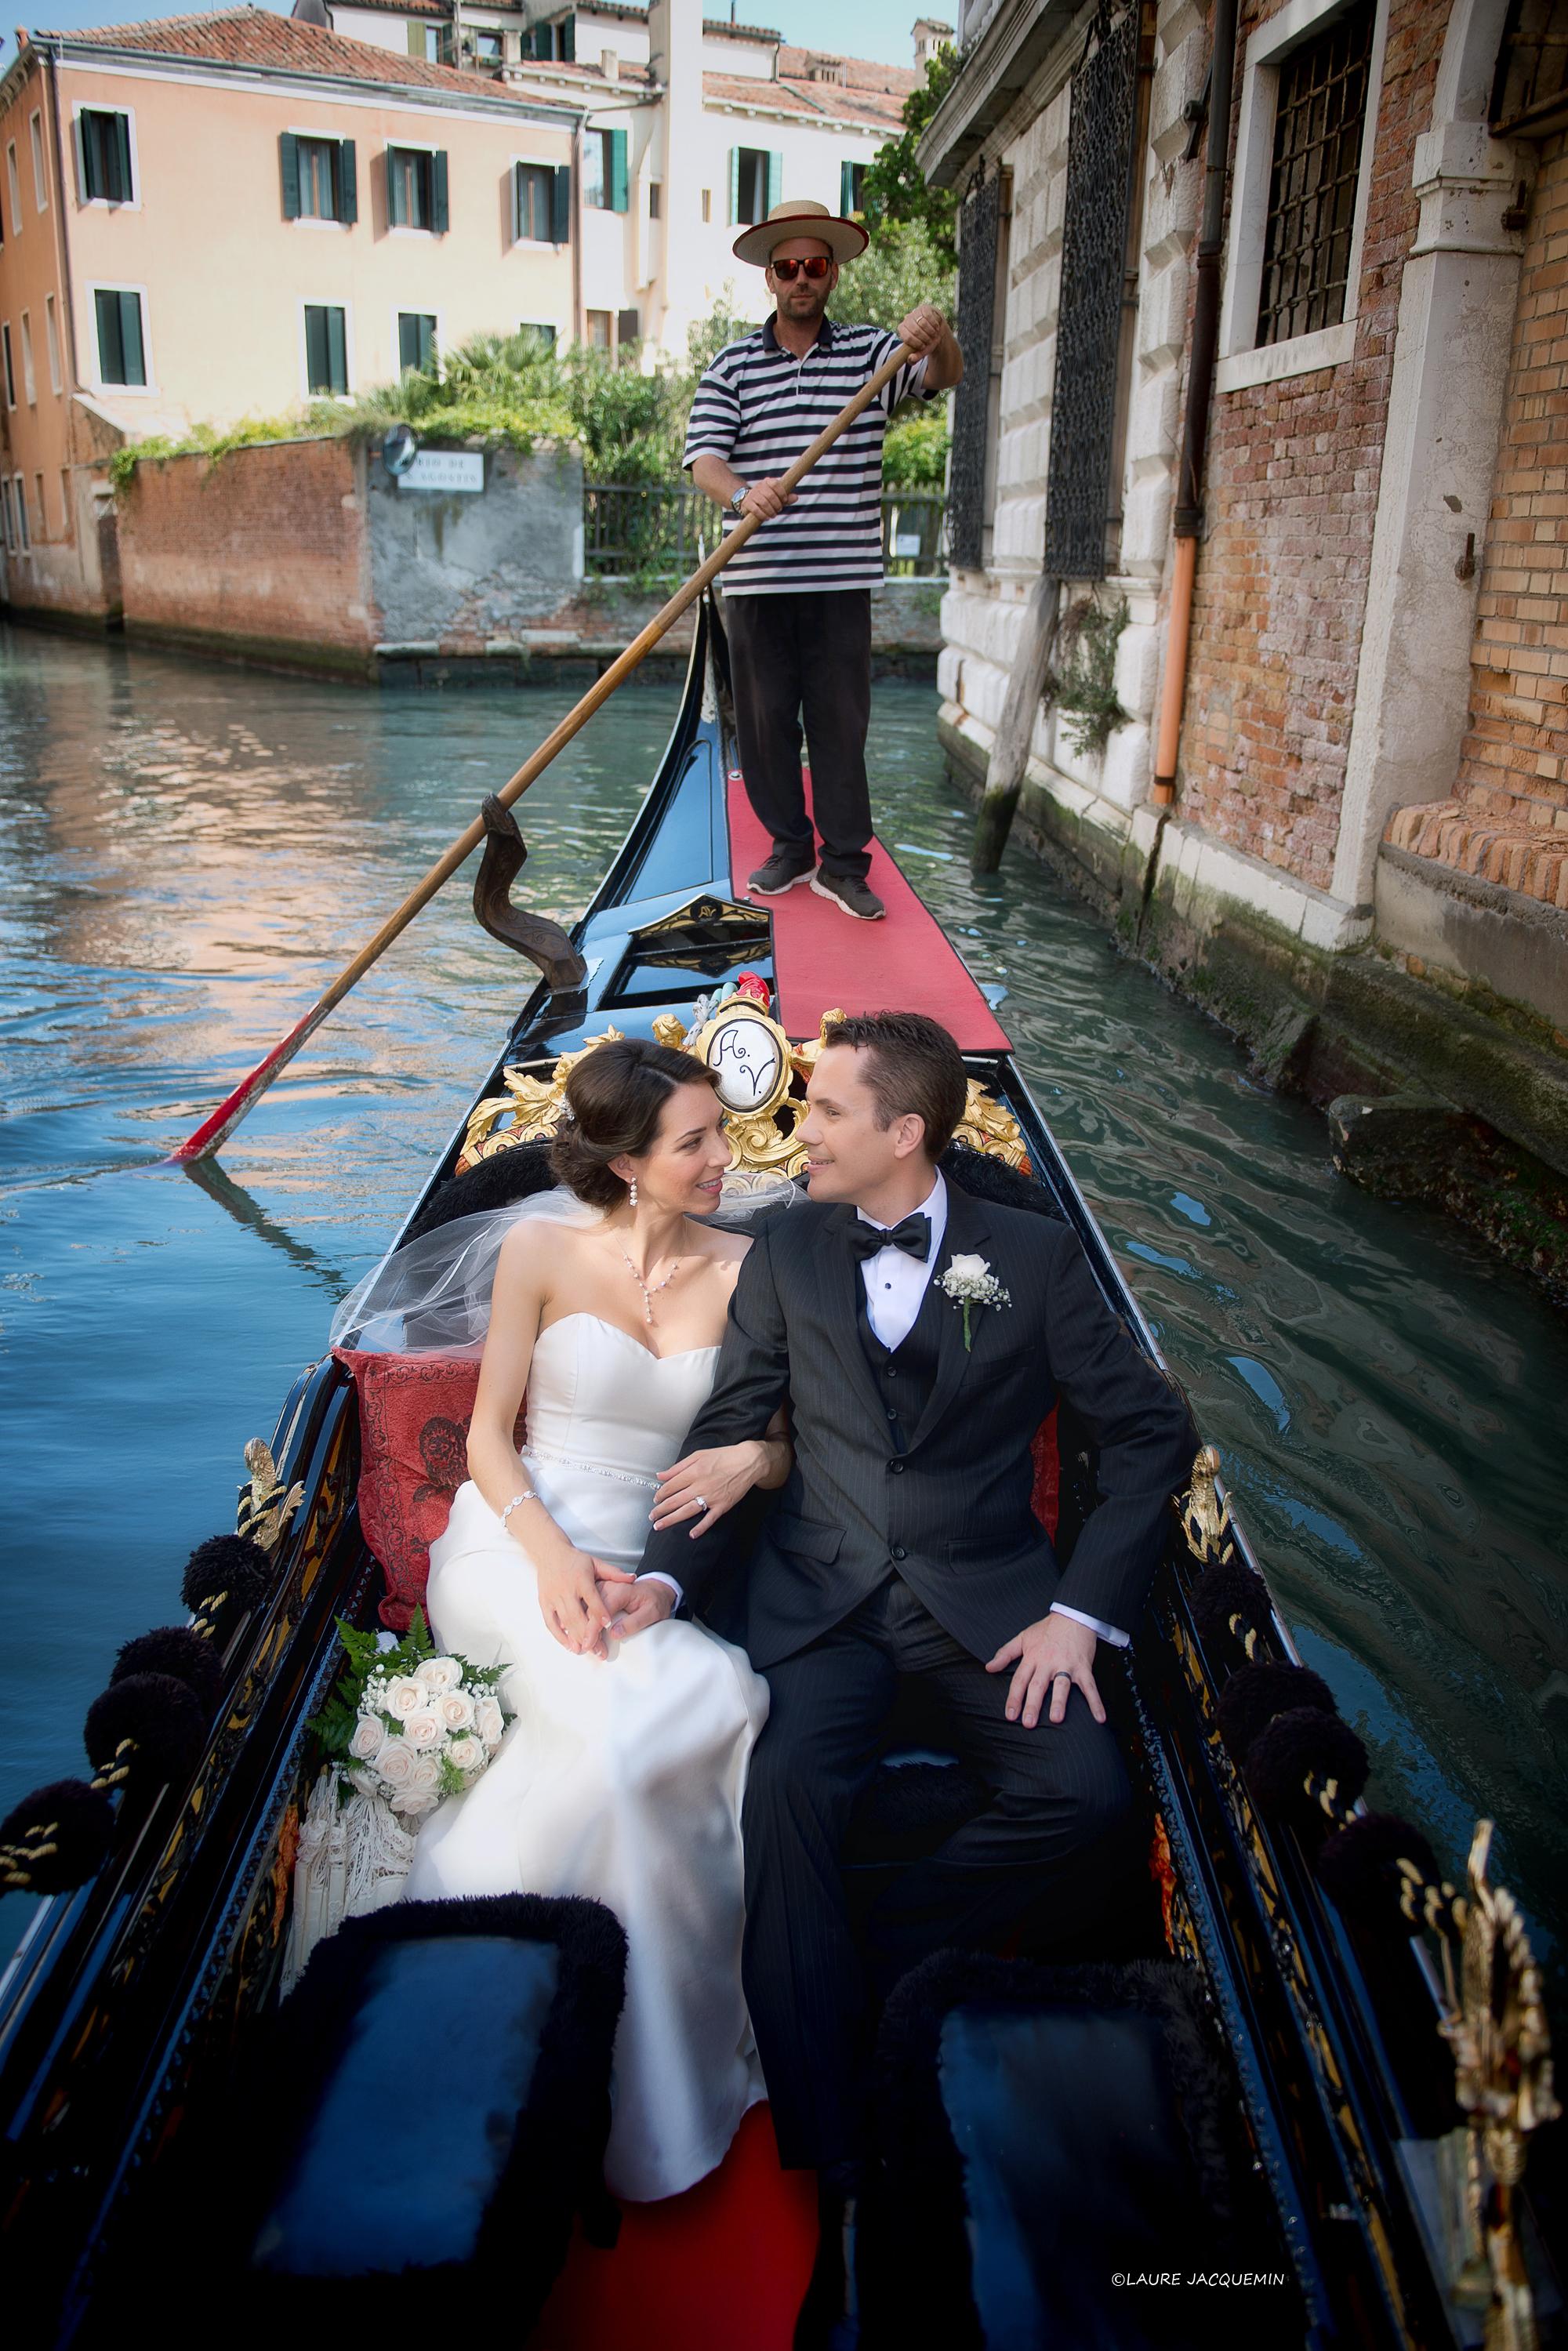 venise mariage photographe laure Jacquemin simbolique jardin venitien gondole (126)